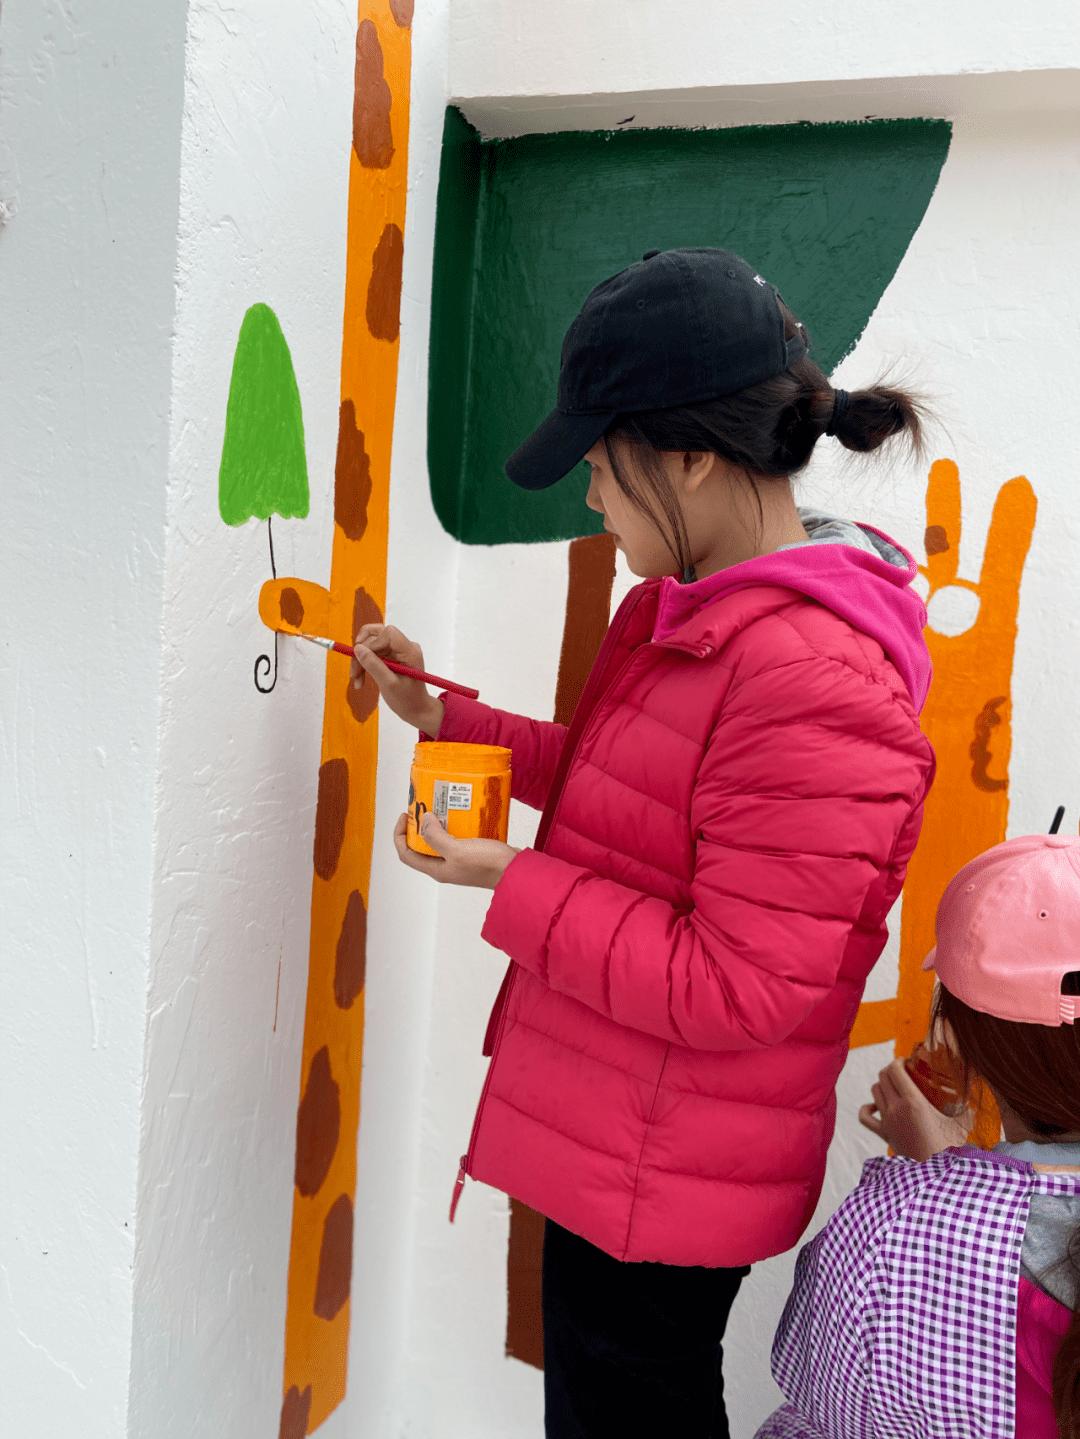 [帮扶支教]爱心在炉火中发展--东府幼儿园在炉霍县开展幼儿教育帮扶经验